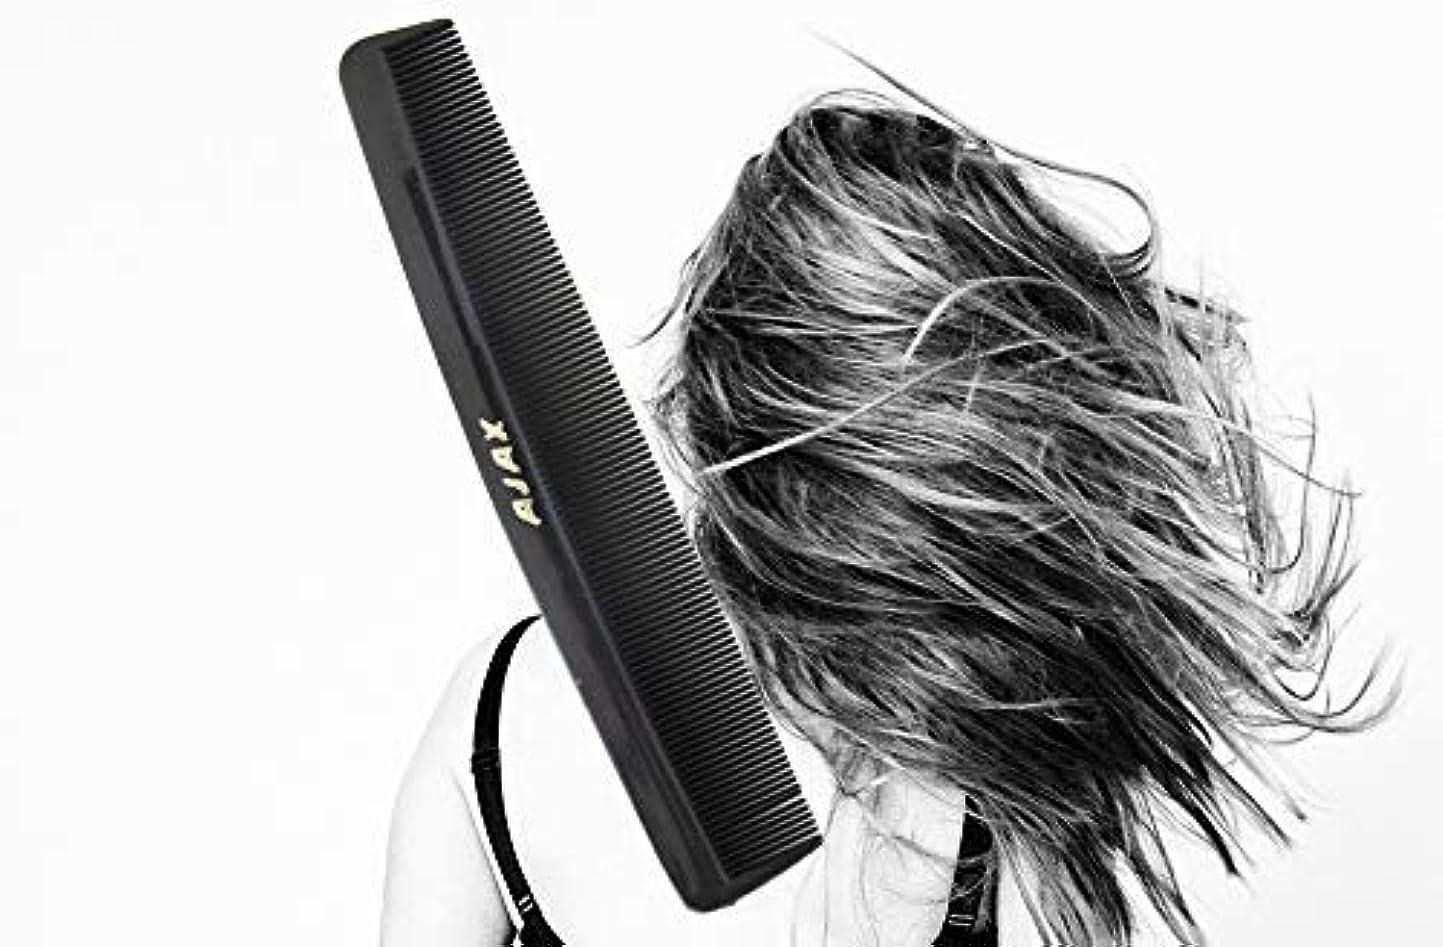 愛大騒ぎ初期のAjax Unbreakable Hair Combs Super Flexible Pocket Sized - Proudly Made in the USA (Pack of 6) [並行輸入品]